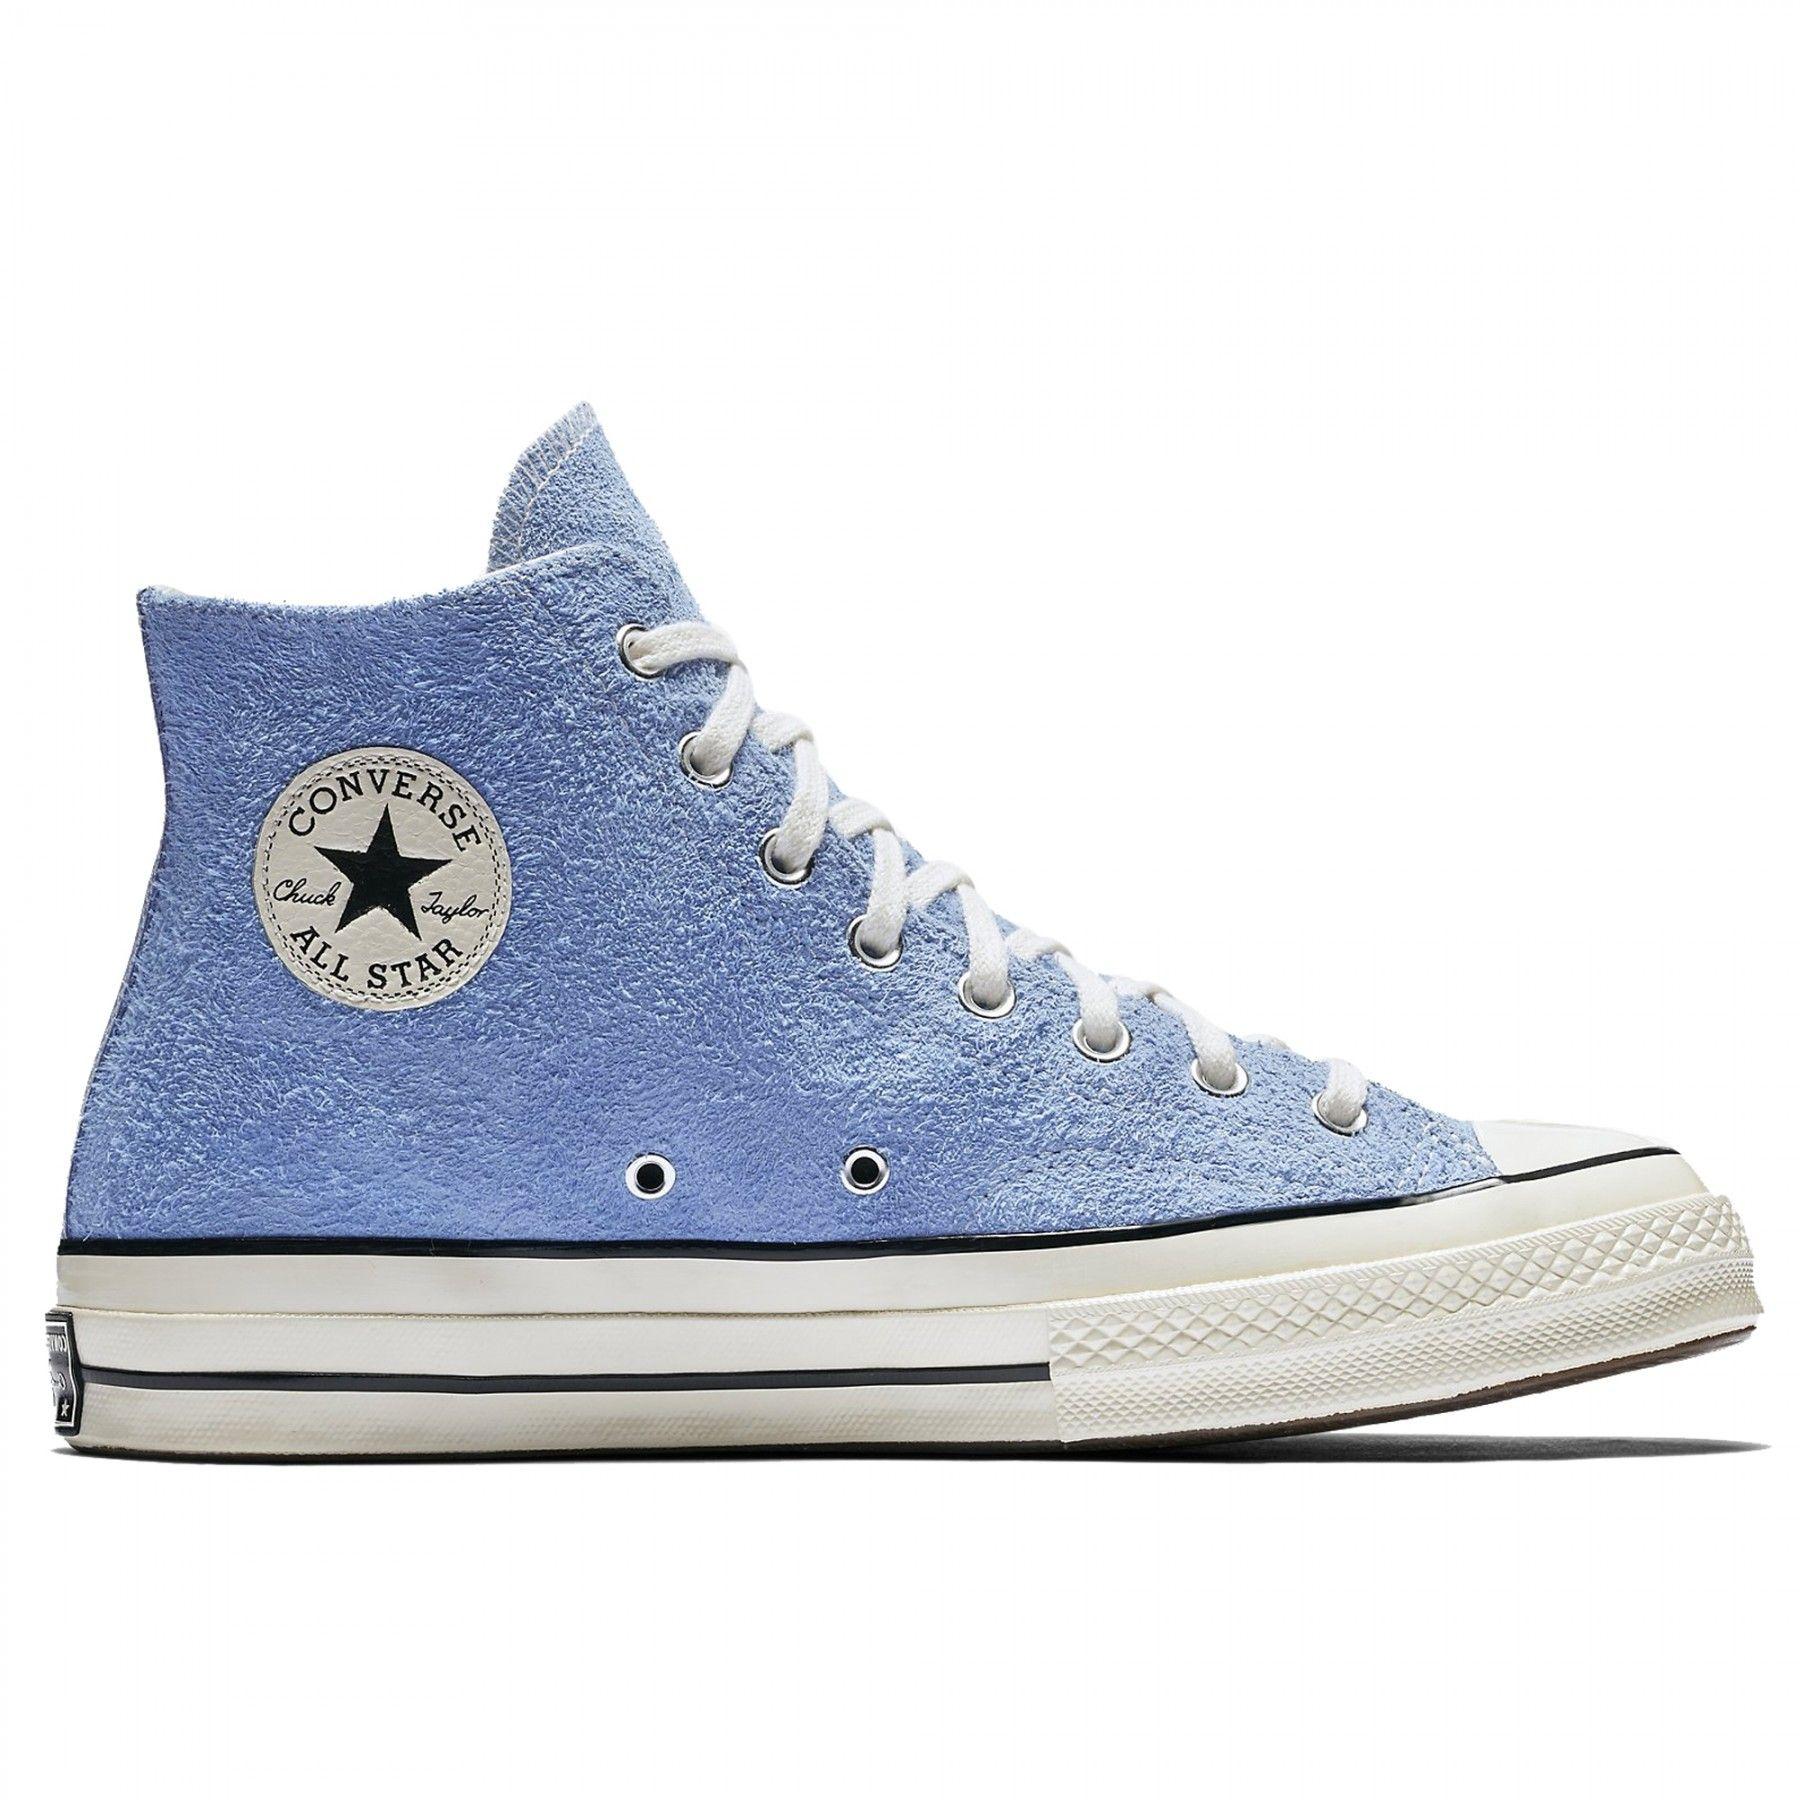 Converse Chuck Taylor All Star 70 HI Vintage Suede (Blue)  bee0225bd